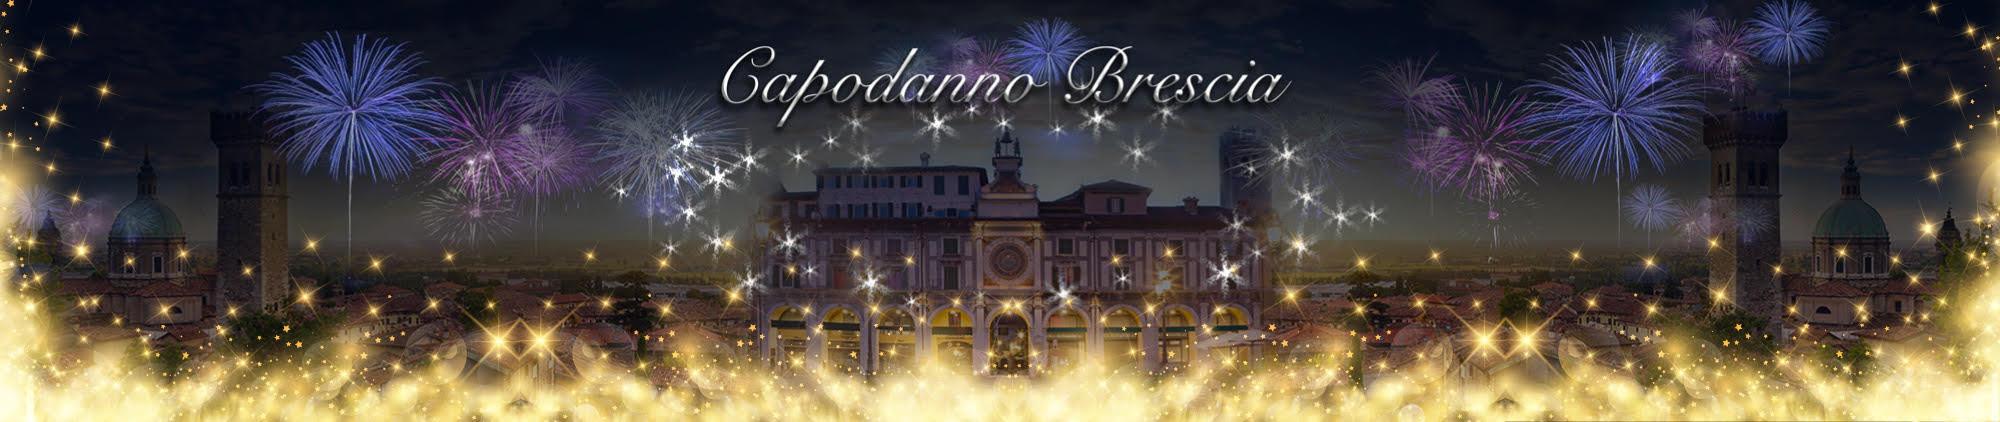 Capodanno Brescia